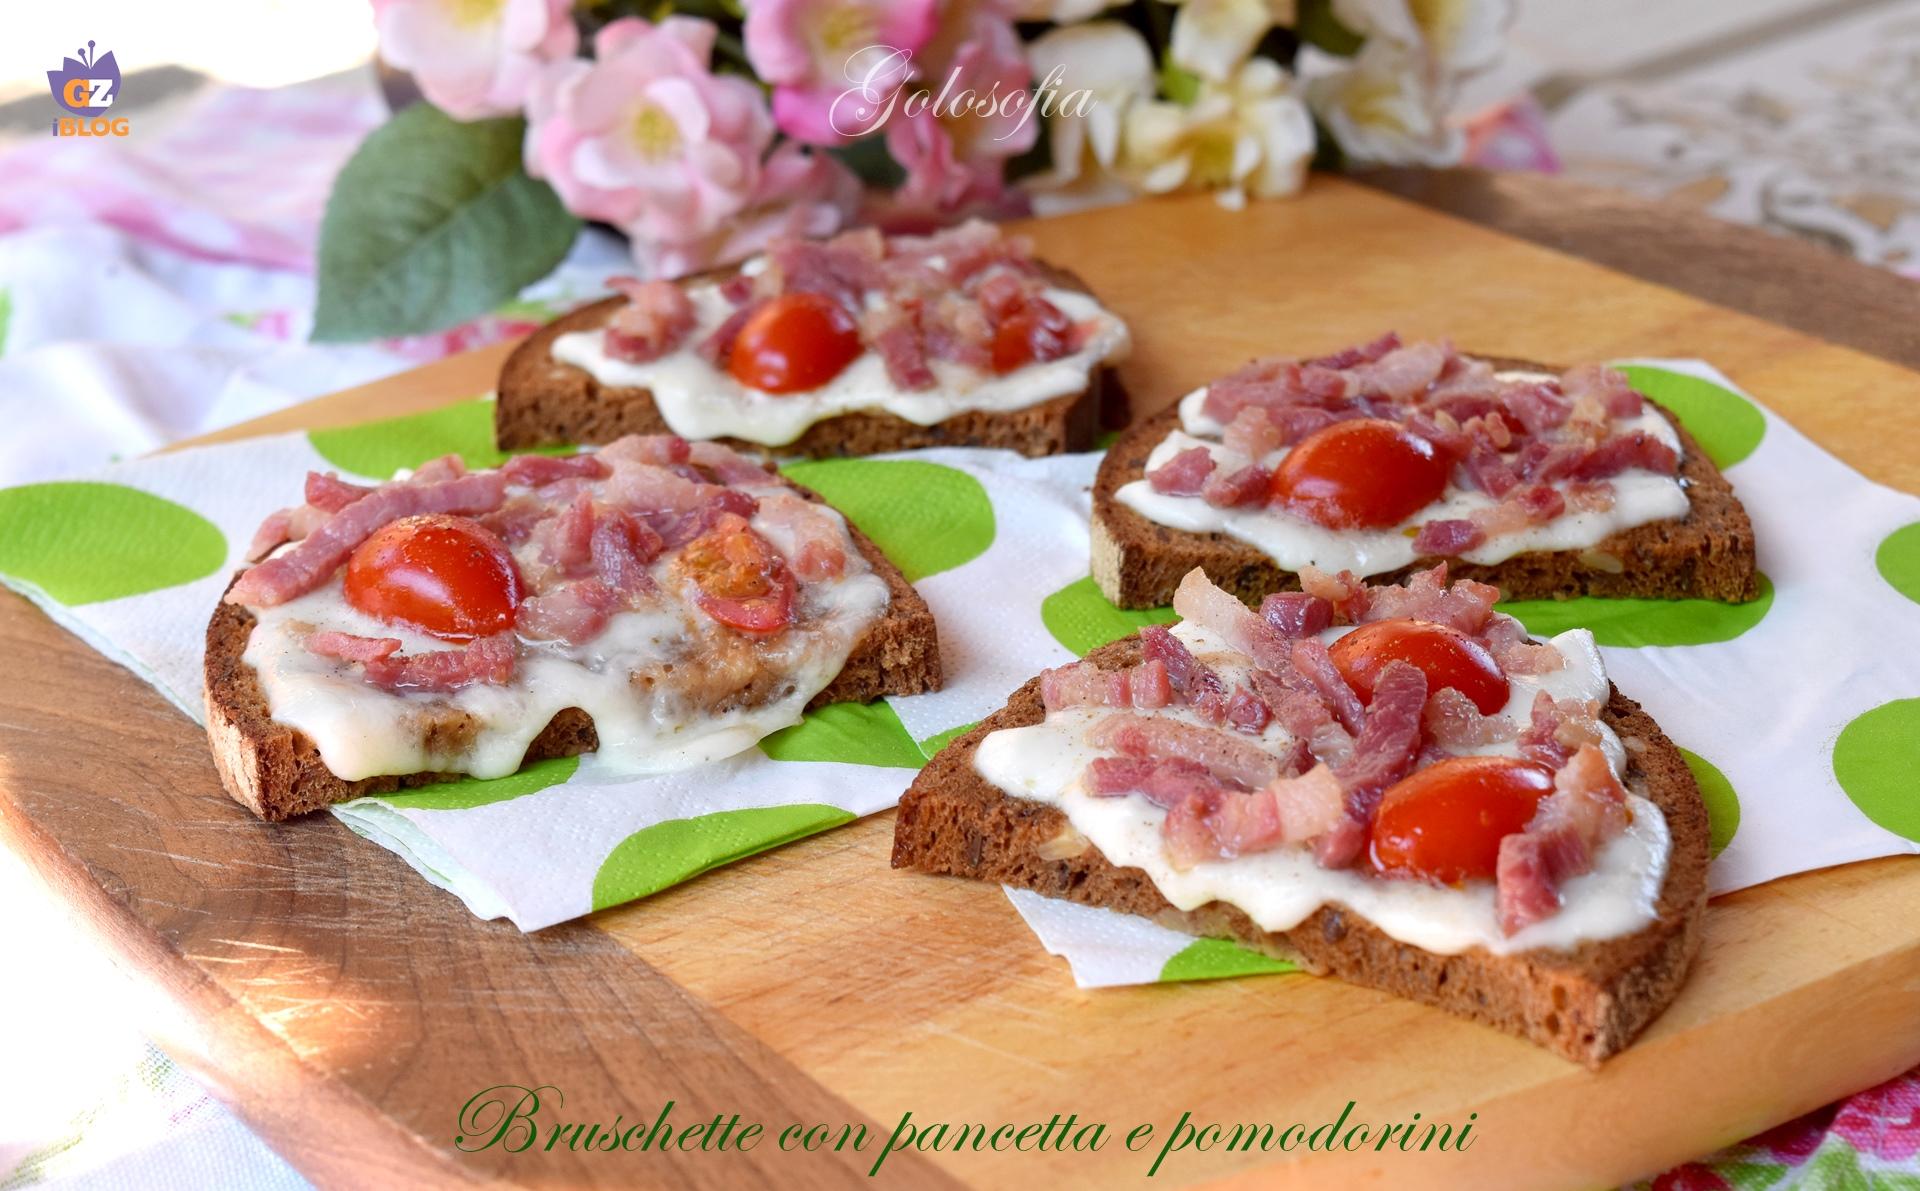 Bruschette con pancetta e pomodorini-ricetta antipasti-golosofia